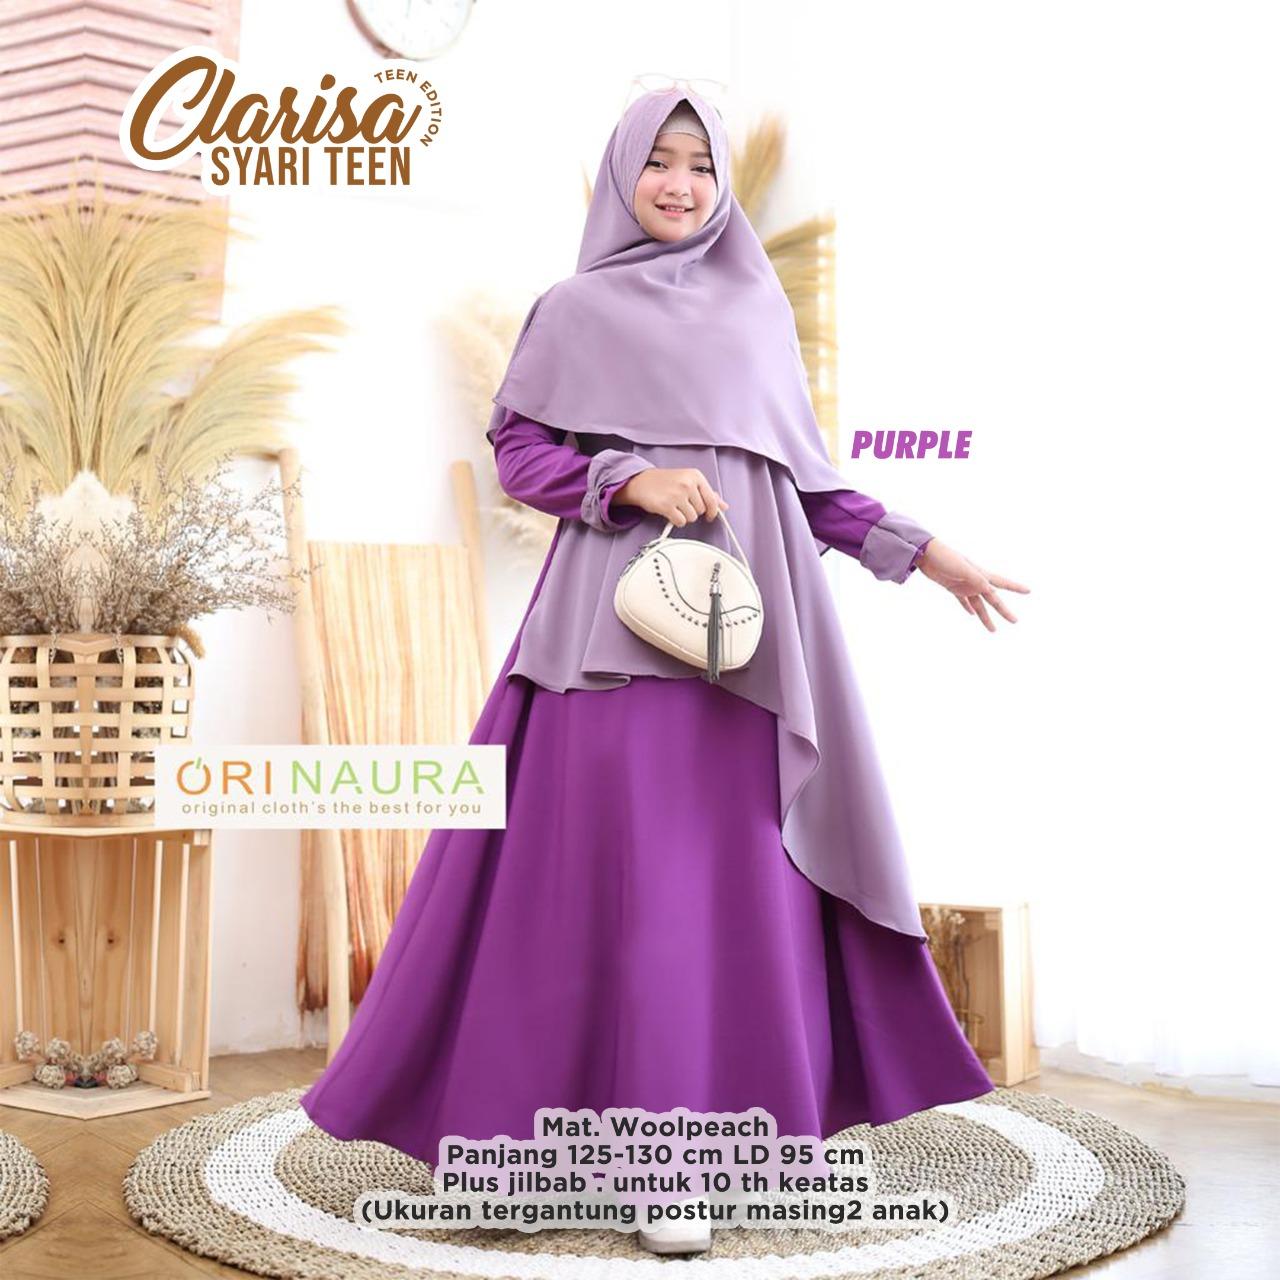 Clarisa Syari Teen Gamis Anak Perempuan Gamis Anak Perempuan 10 Tahun Baju Muslim Anak Perempuan Gamis Syari Lazada Indonesia